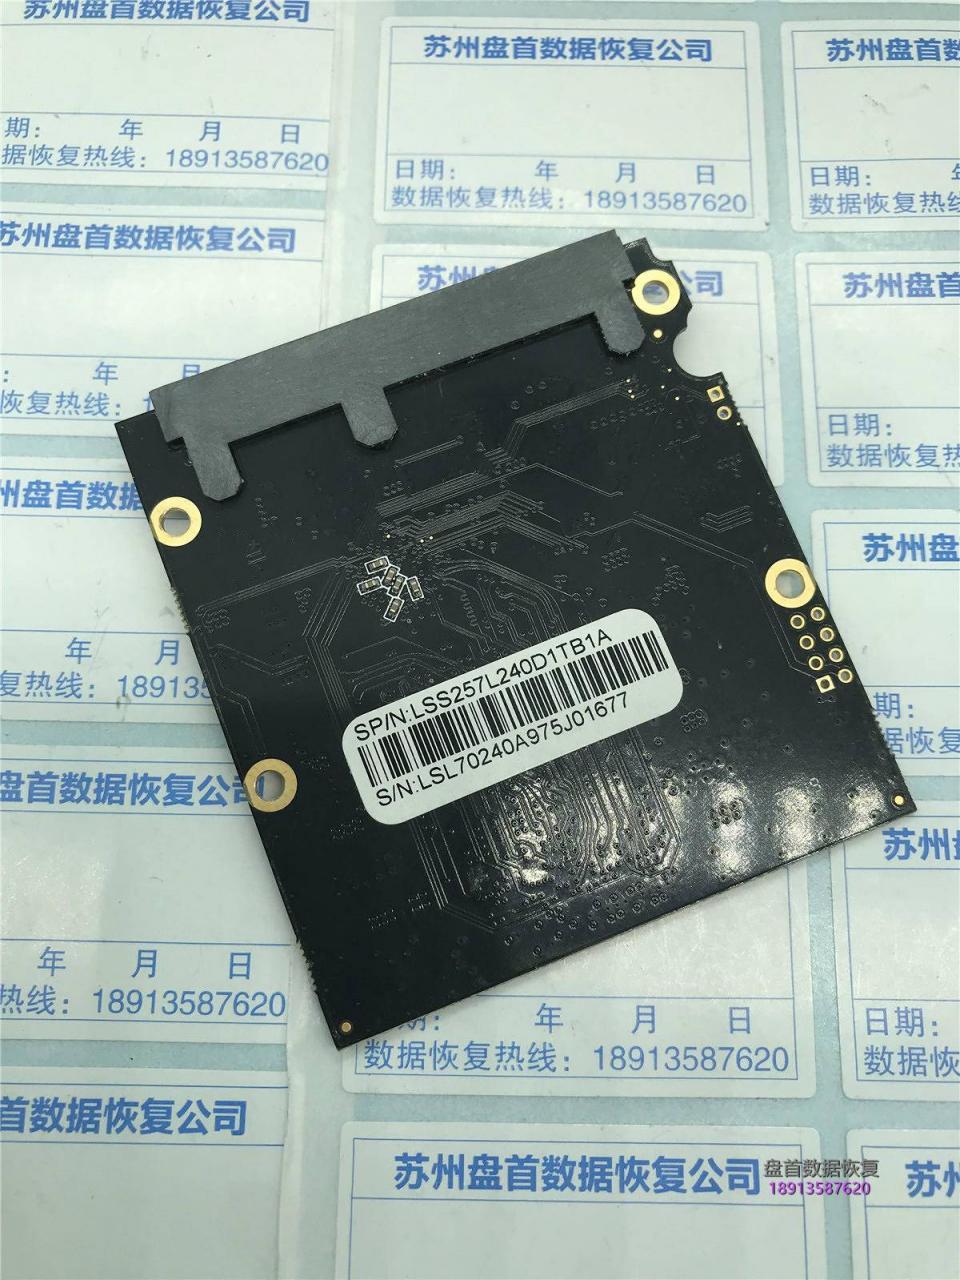 联想SL700 SM2258XT主控的SSD数据恢复成功